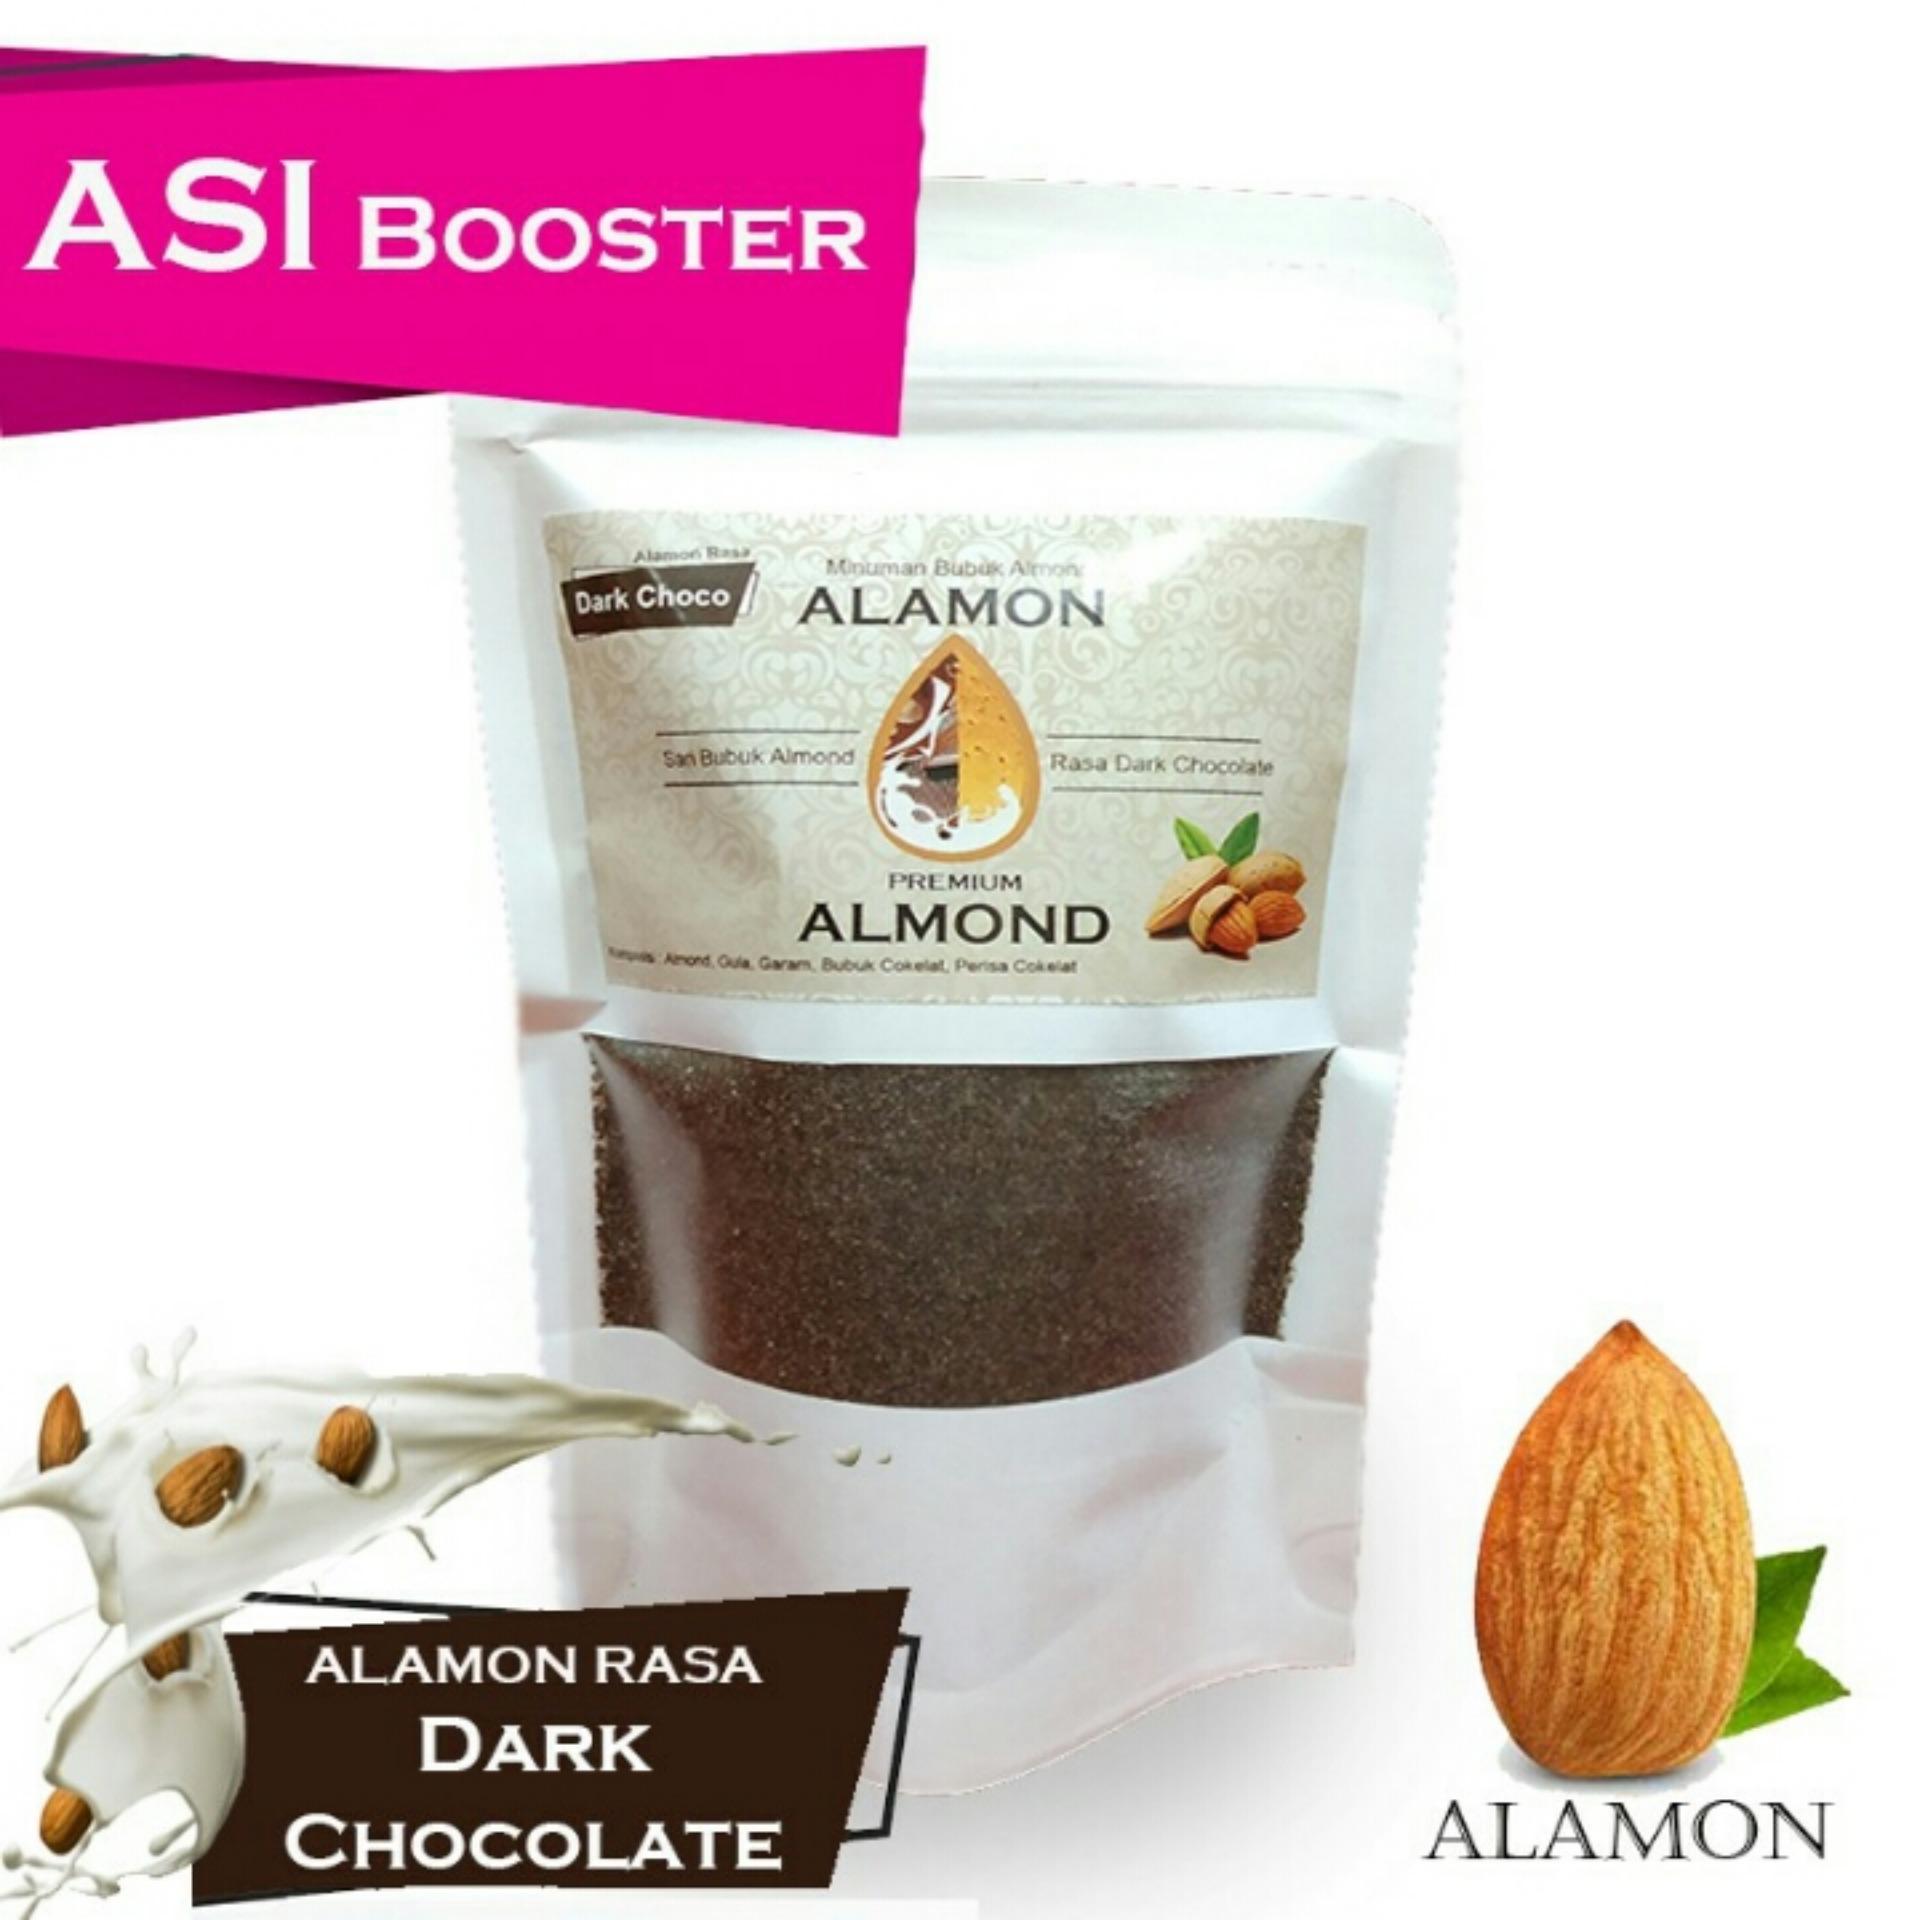 Susu Almond Bubuk Premium / Pelancar ASI, Brain Nutrition, Susu Ibu Hamil & Menyusui / HALAL / 170 Gr Nett / Untuk 5x Minum